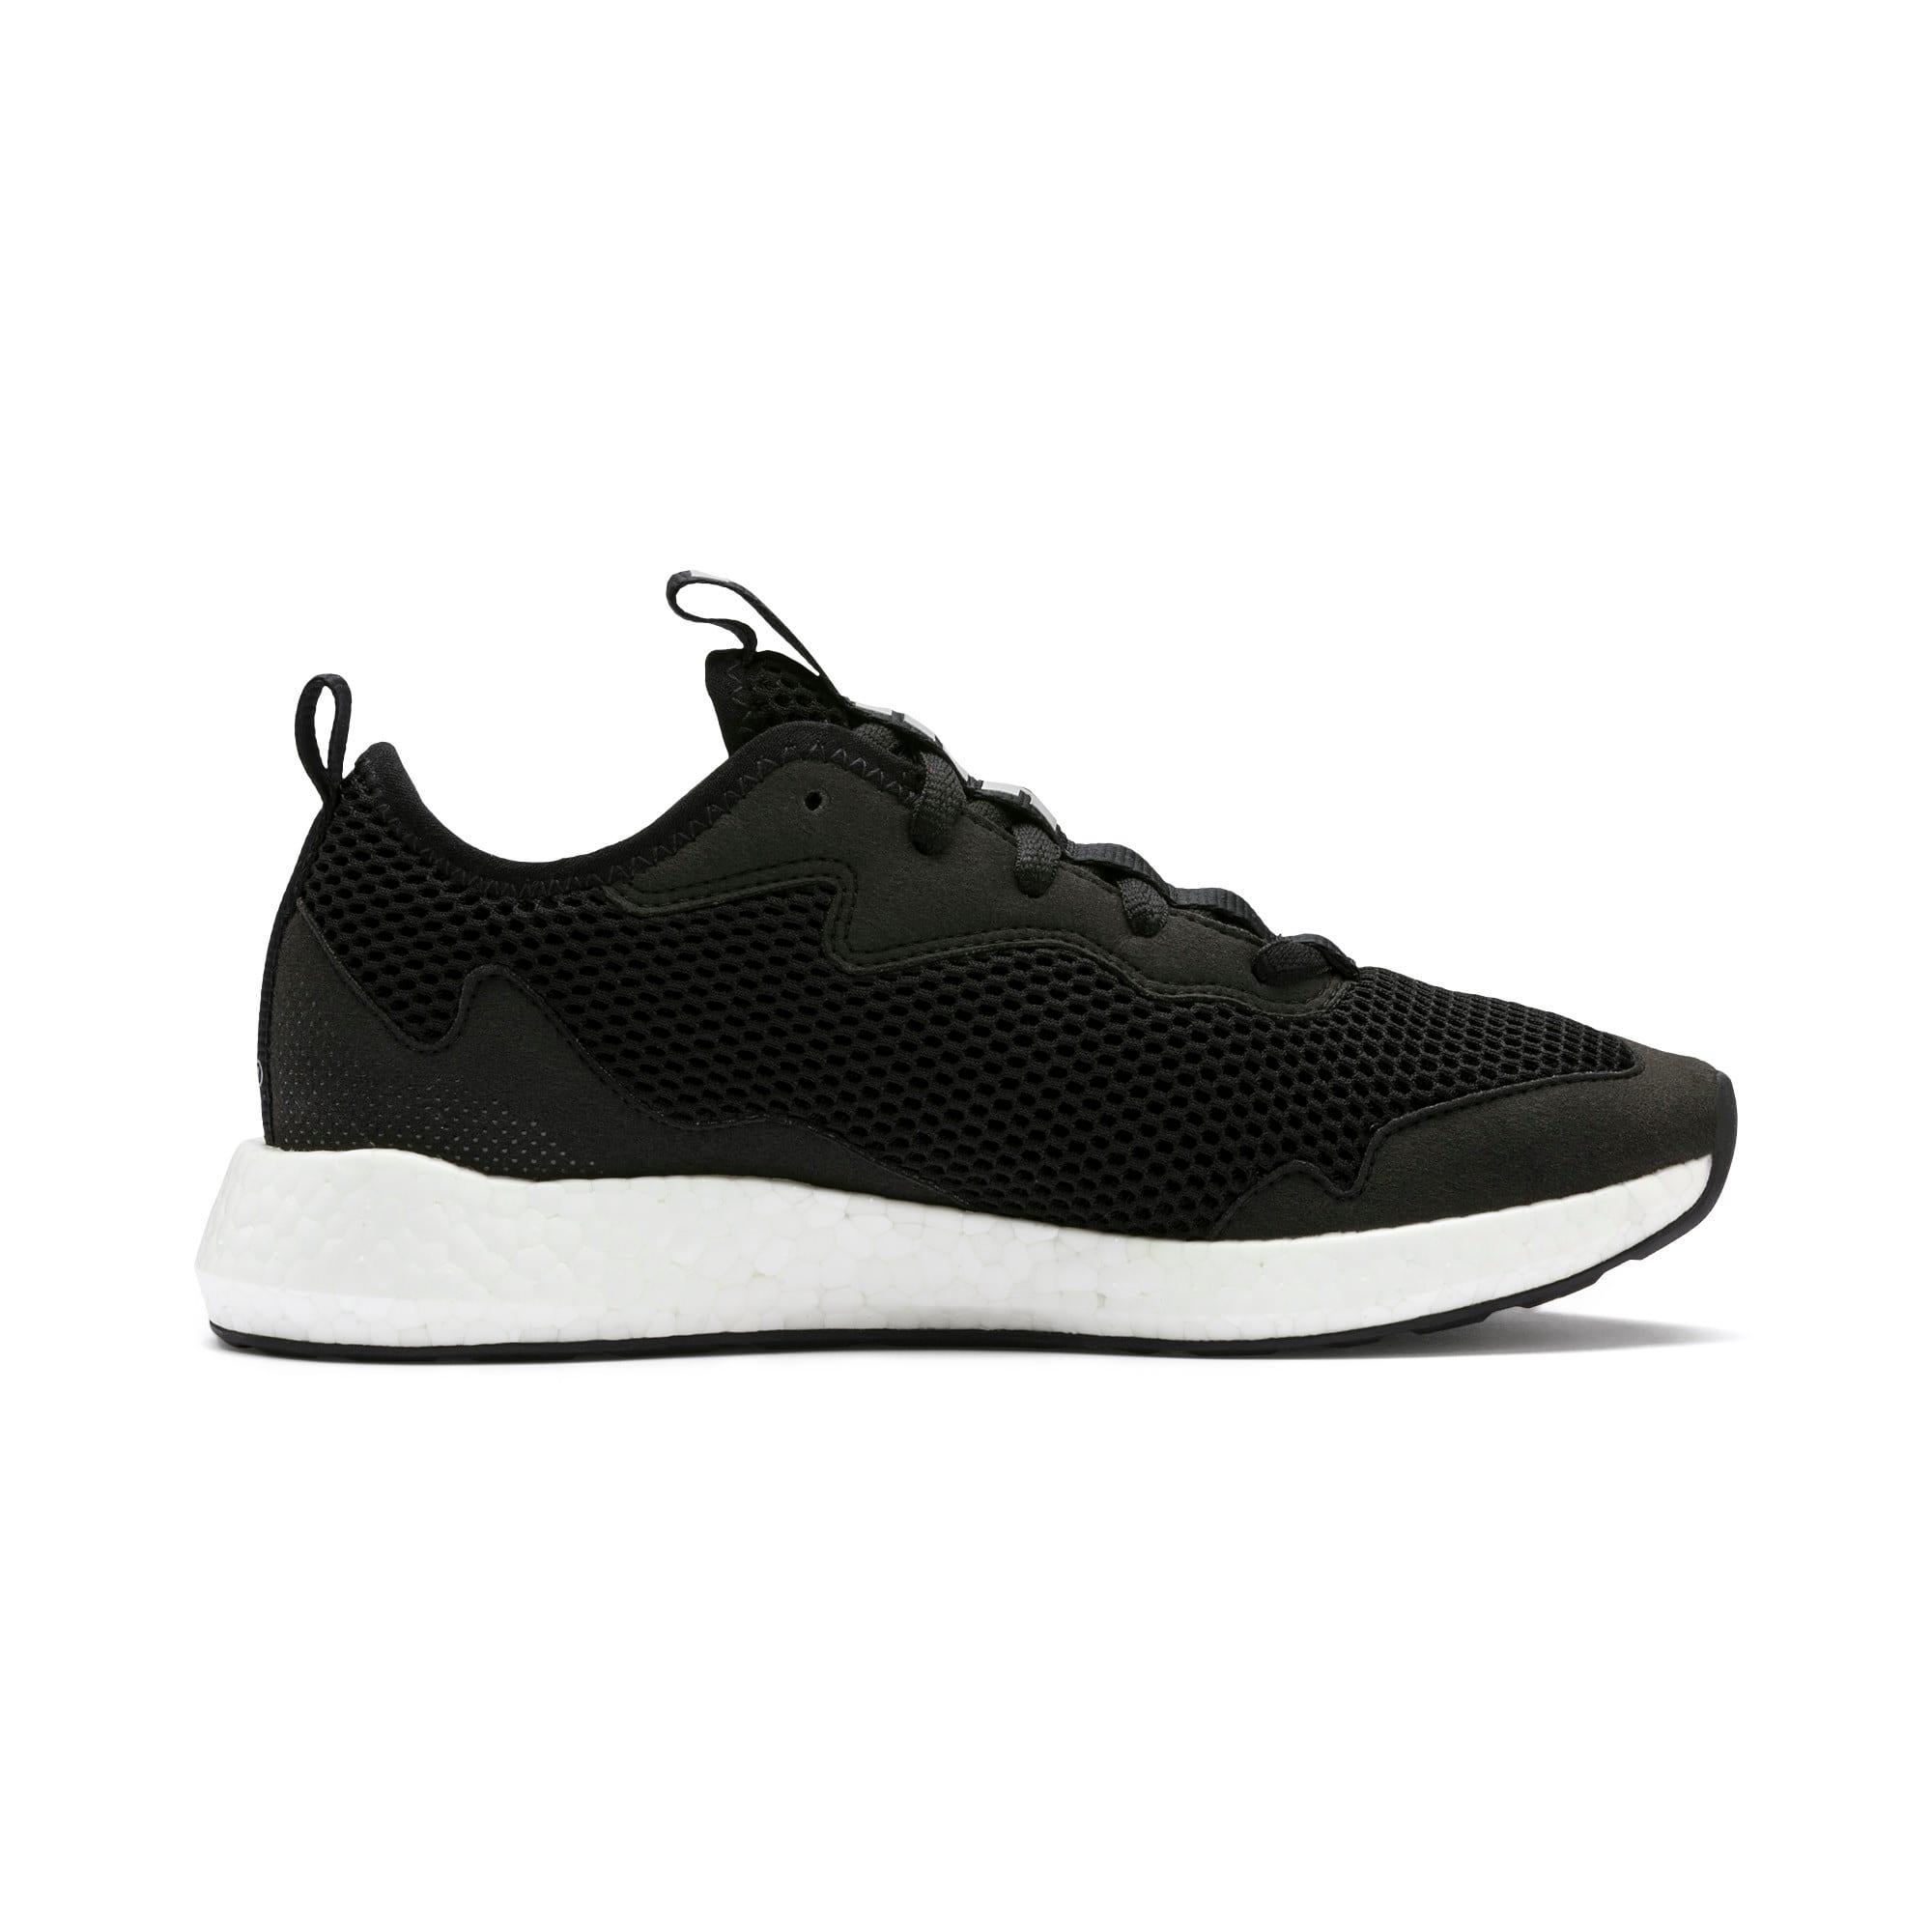 Miniatura 6 de Zapatos para correr NRGY Neko Skim para mujer, Puma Black-Puma Silver, mediano